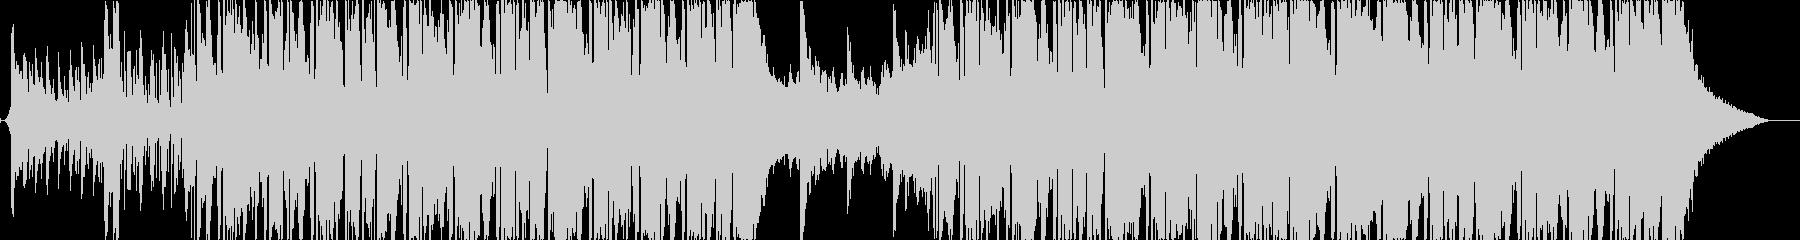 ダブステップ 実験的な フューチャ...の未再生の波形